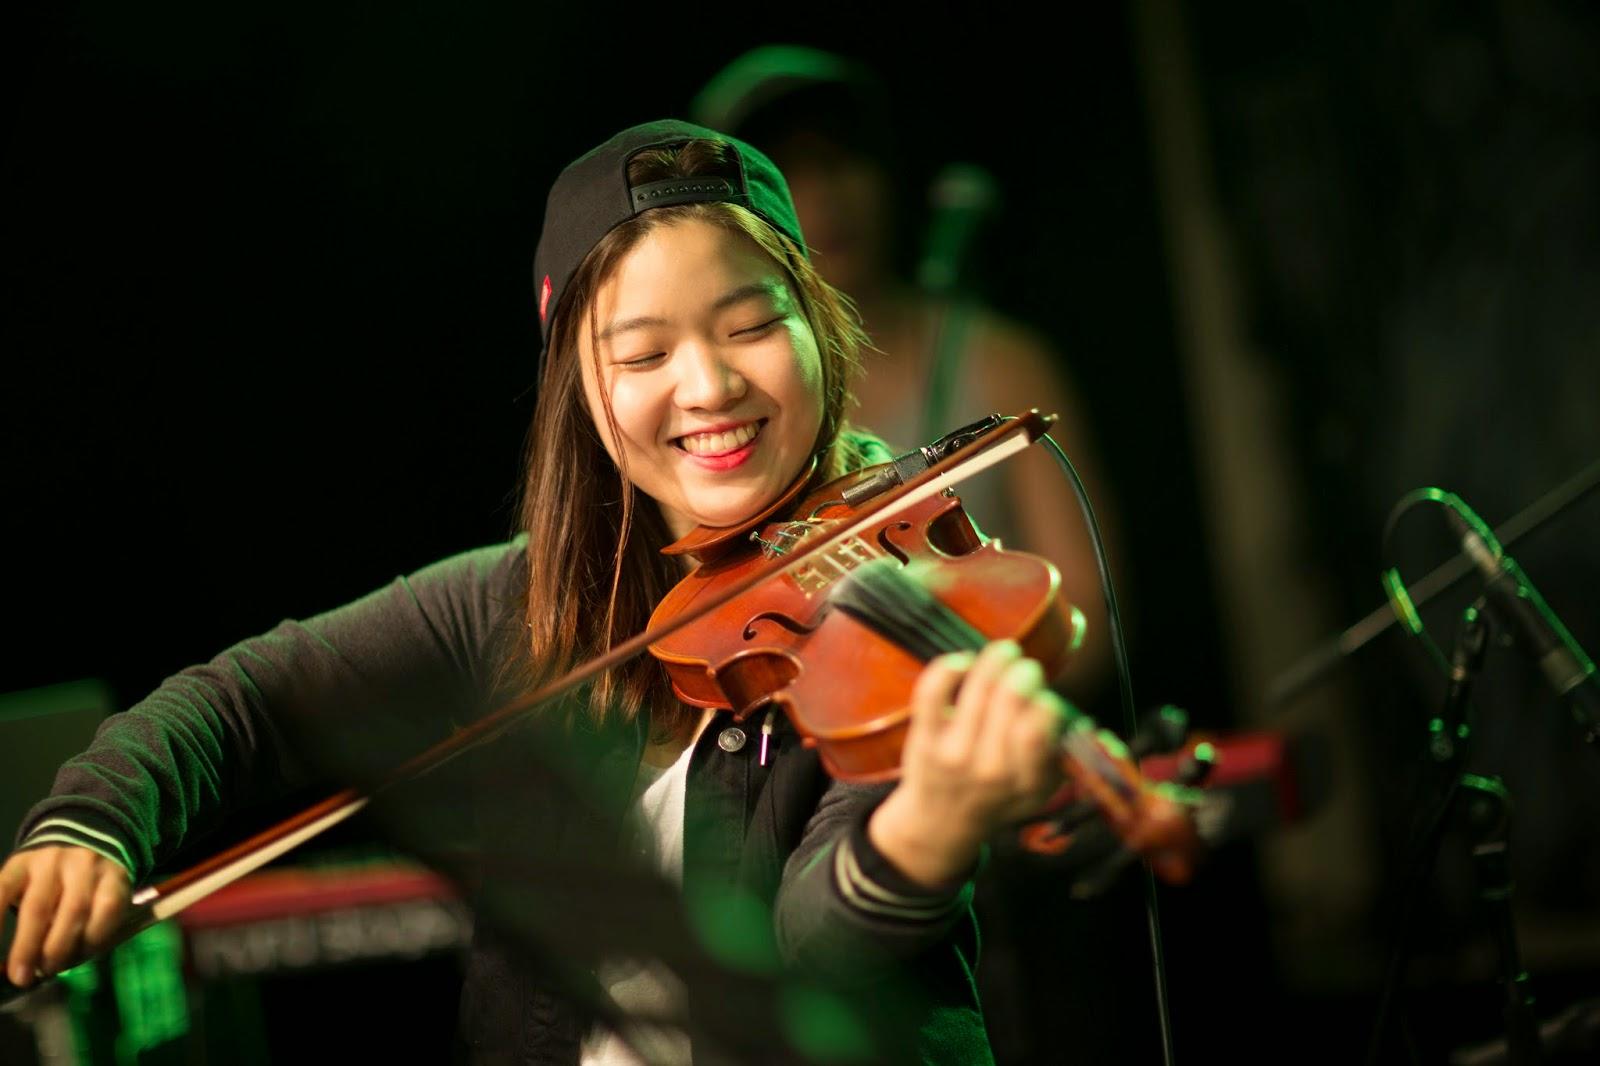 Kim Eun Hyung Violin